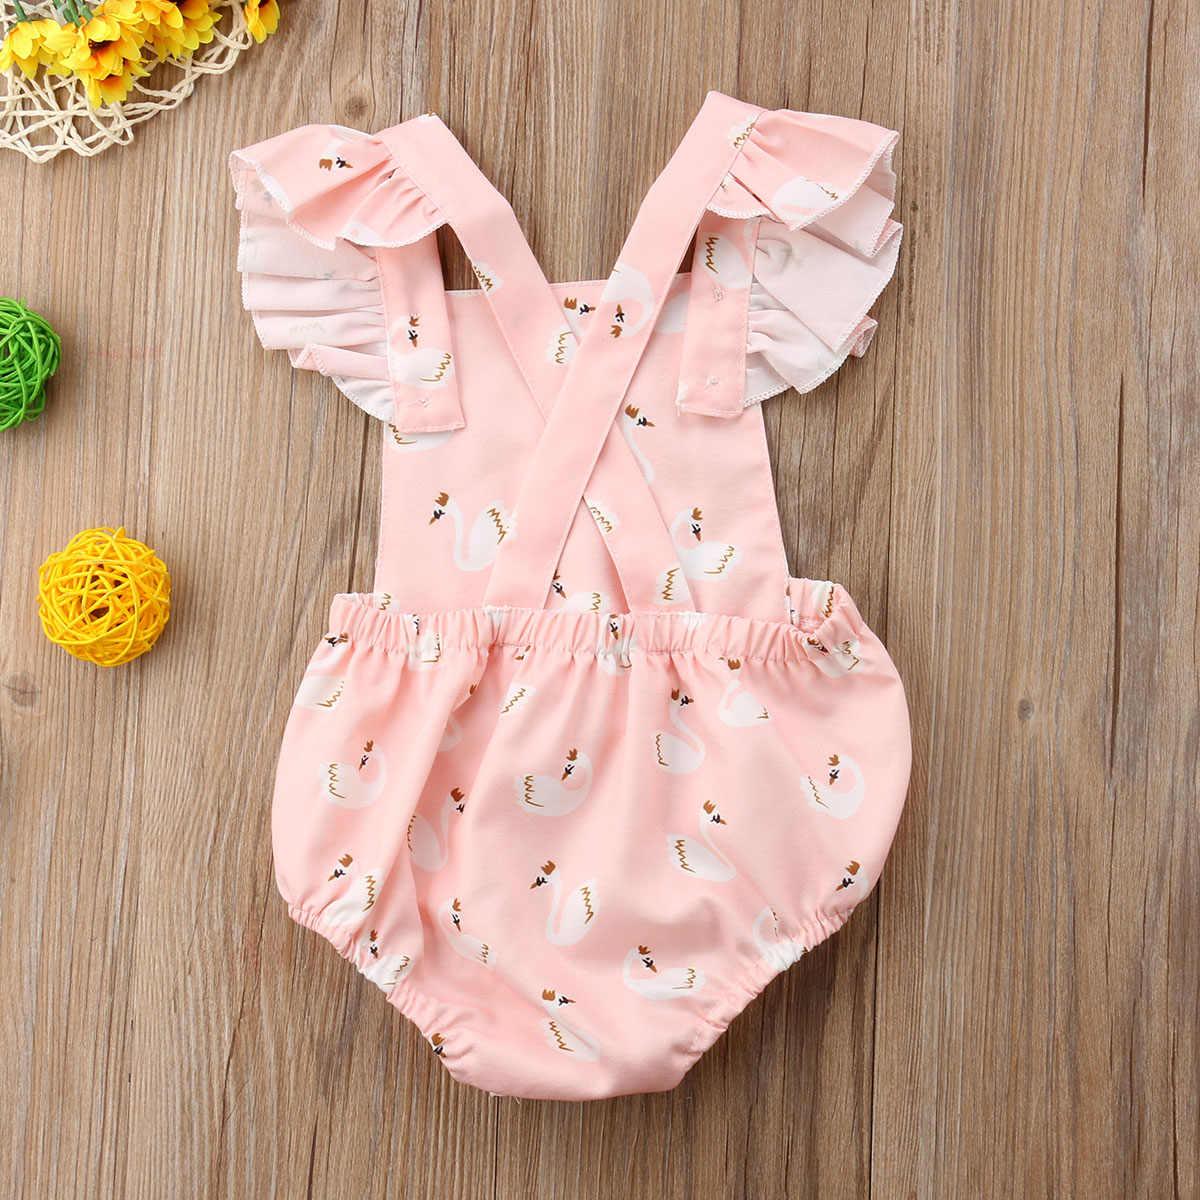 Enfant en bas âge bébé filles été belle jolie barboteuse 0-3Y courte pétale manches dessin animé Animal imprimé rose combinaisons barboteuse bébé vêtements